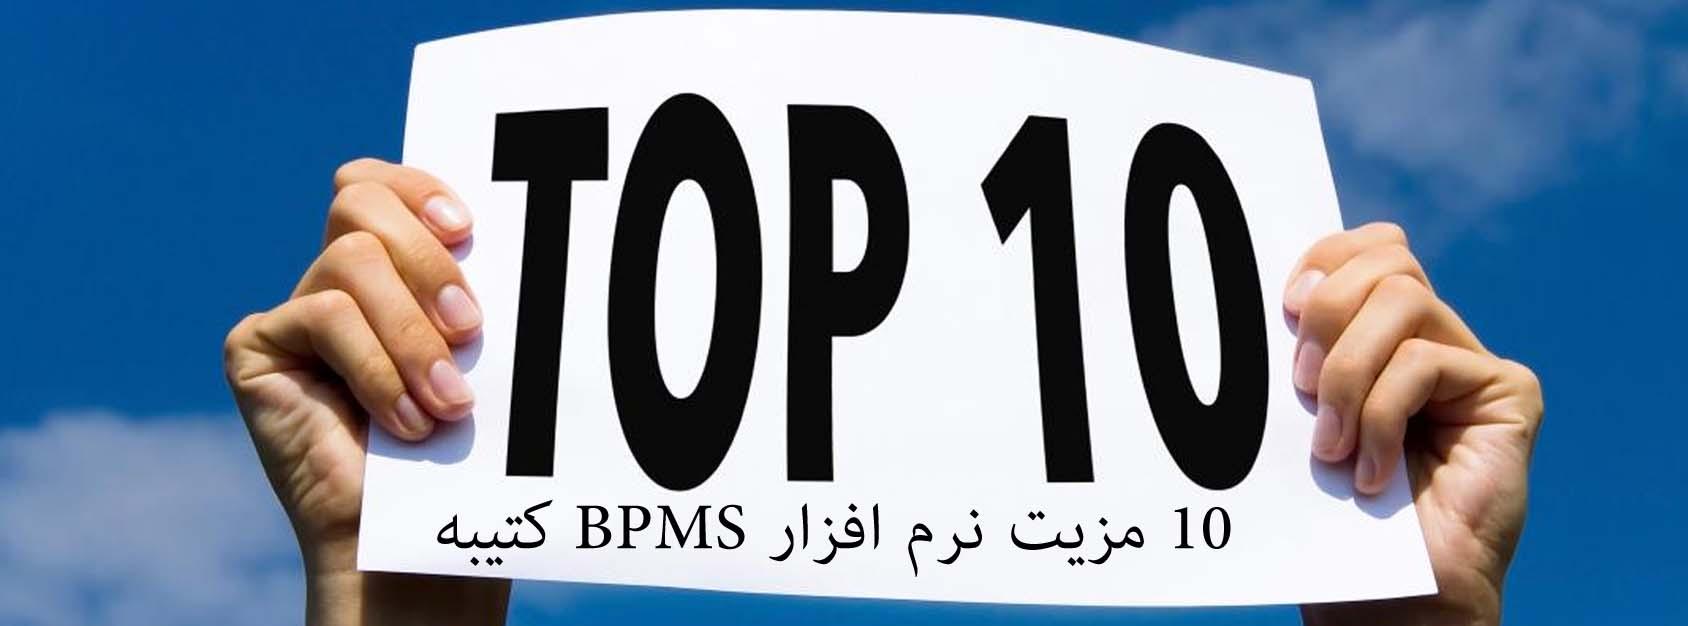 Top 10 BPMS